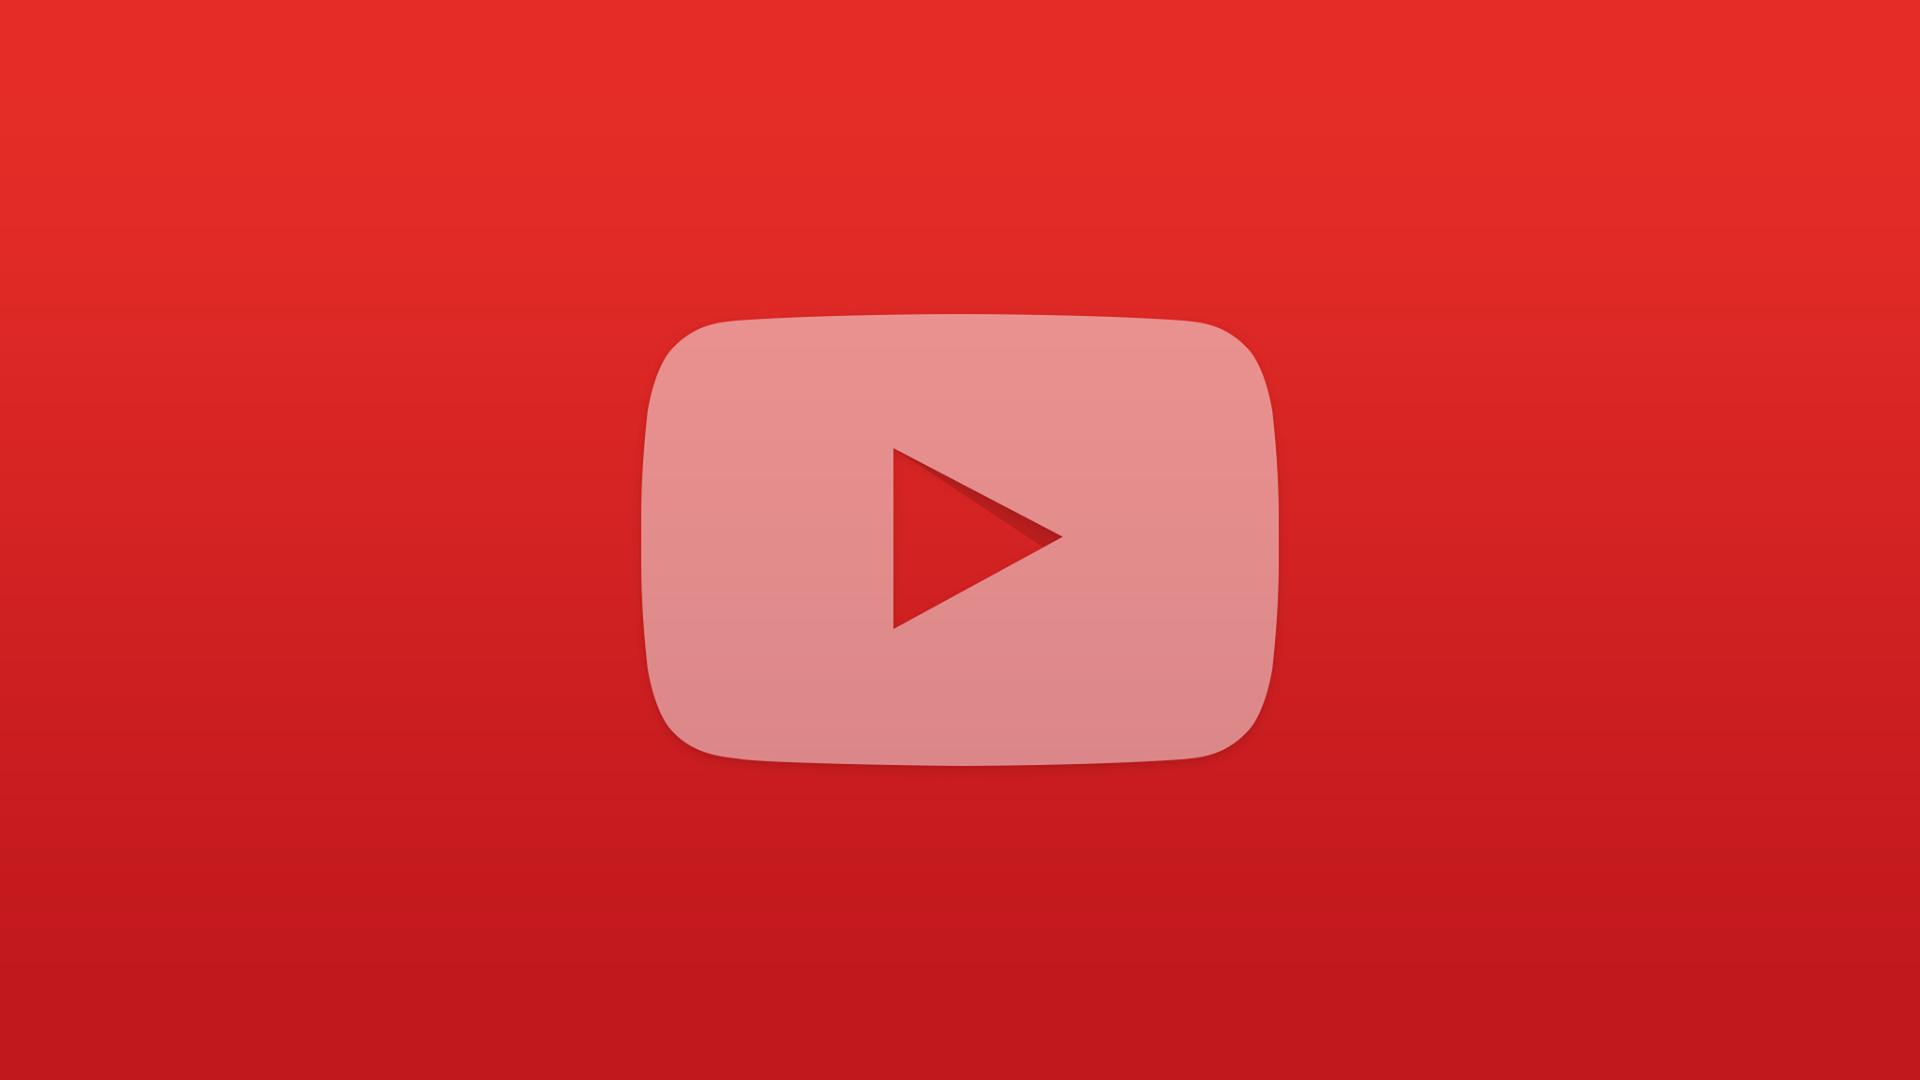 youtube-logo-fade-1920